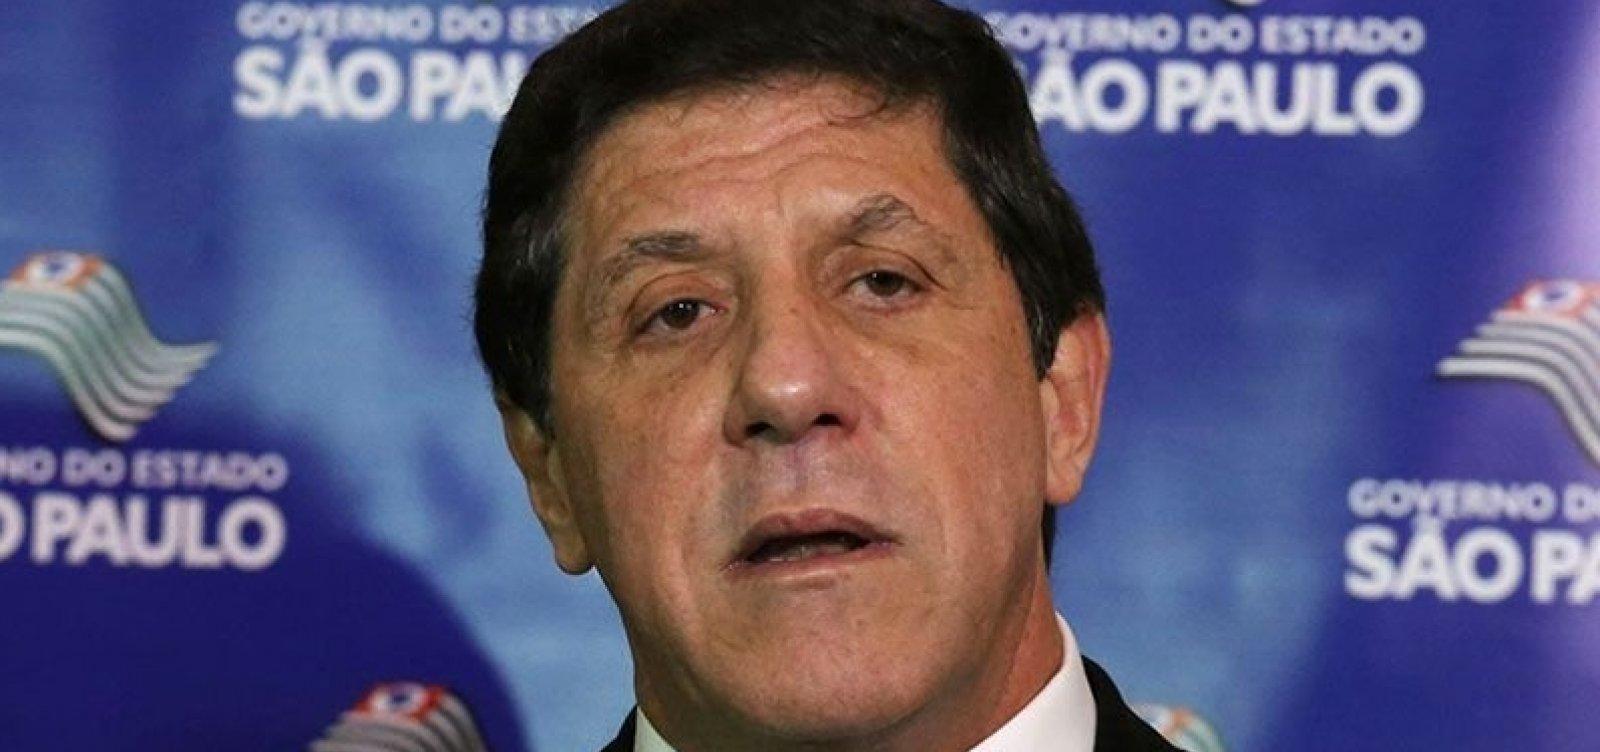 Familiares de homem com coronavírus têm suspeita de contaminação descartada em SP